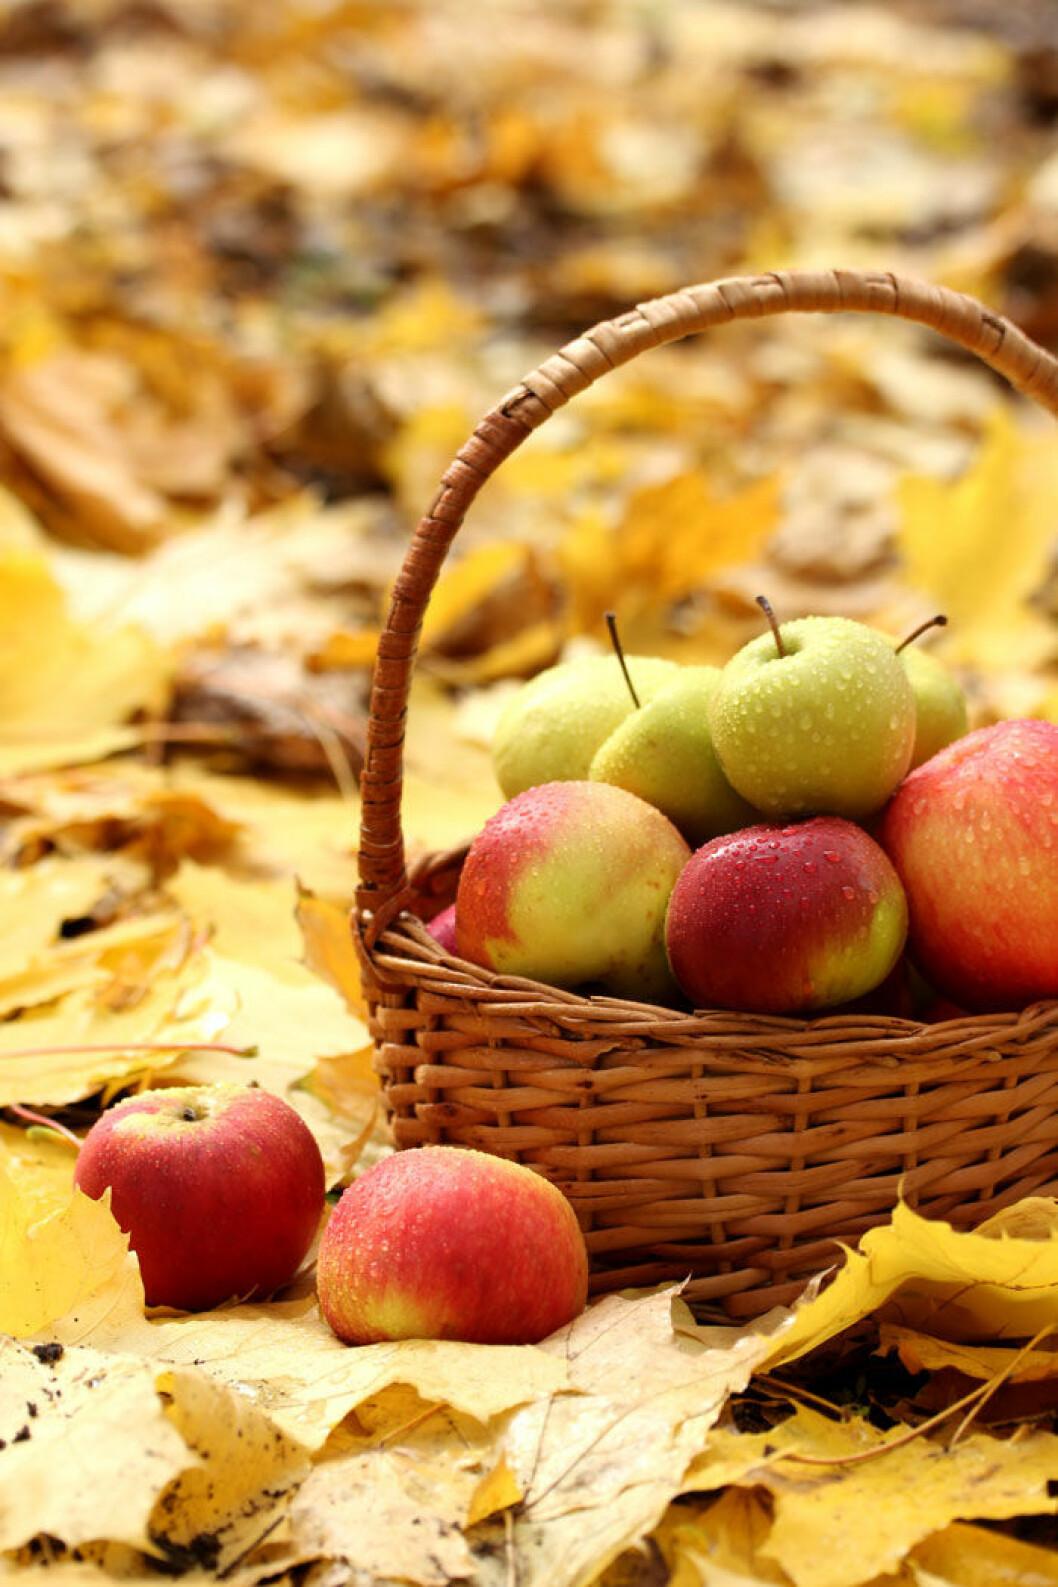 Gula löv och äpplen i en korg. Foto: Shutterstock.